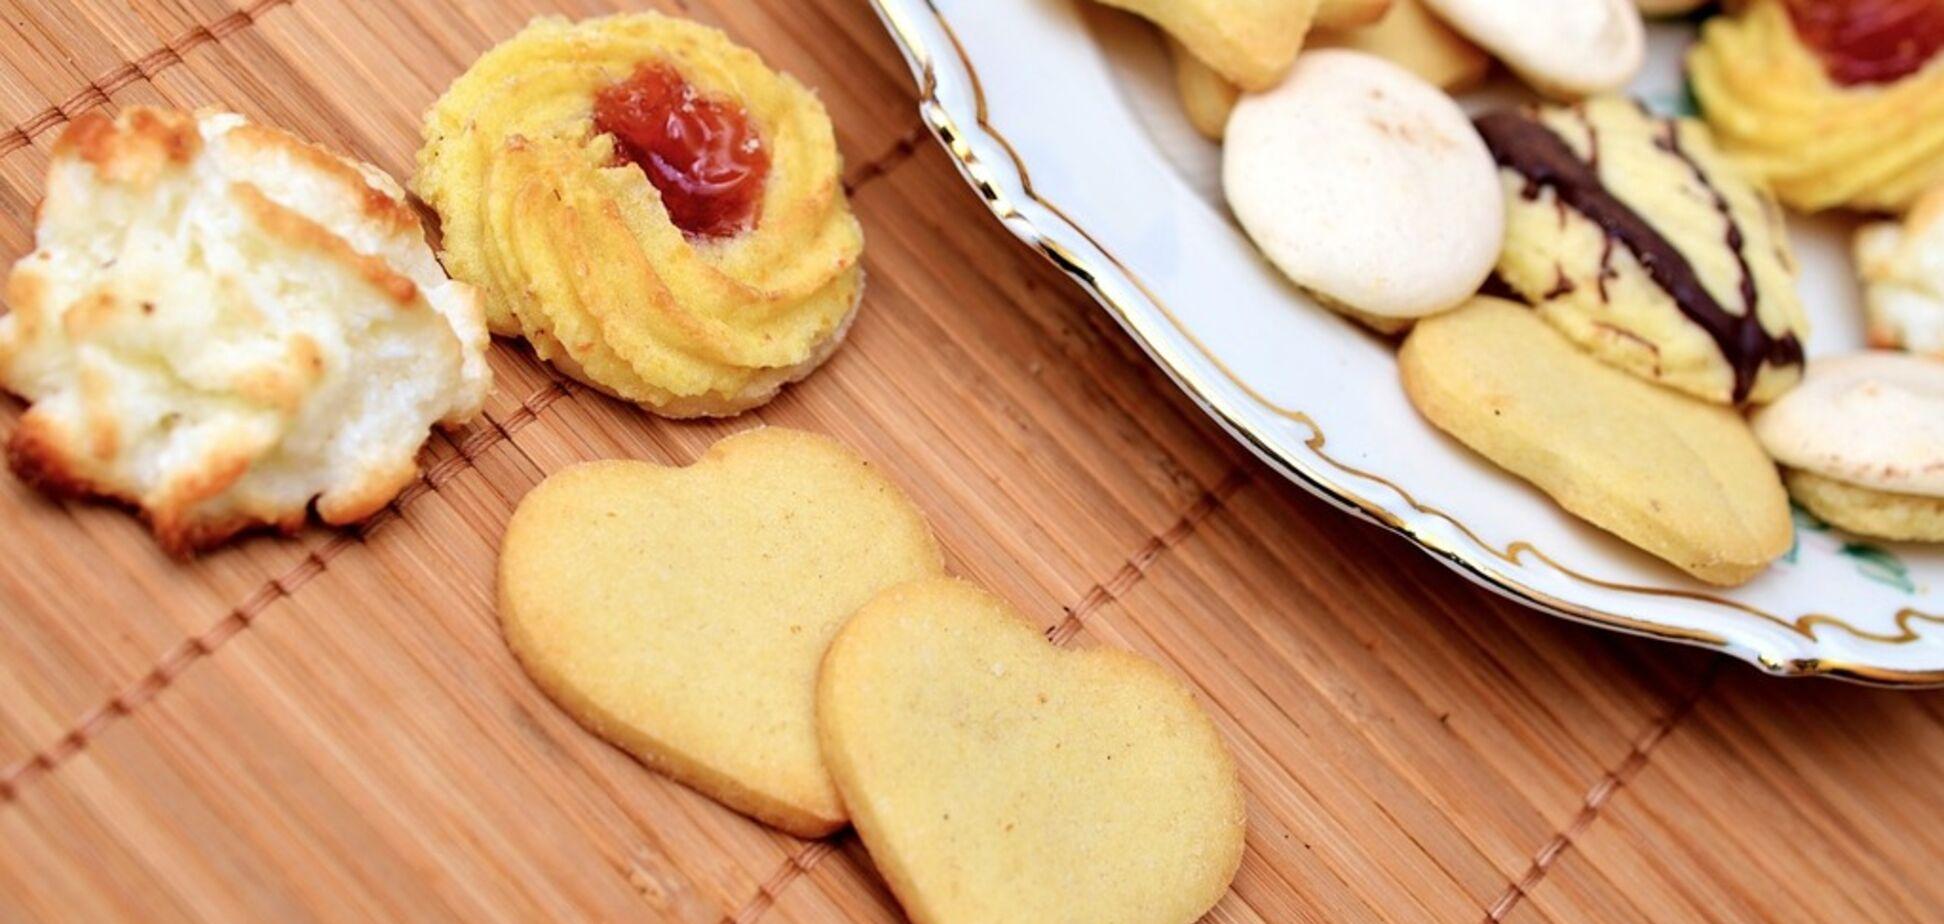 Печиво з трьох інгредієнтів за 10 хвилин: найпростіший рецепт підірвав мережу